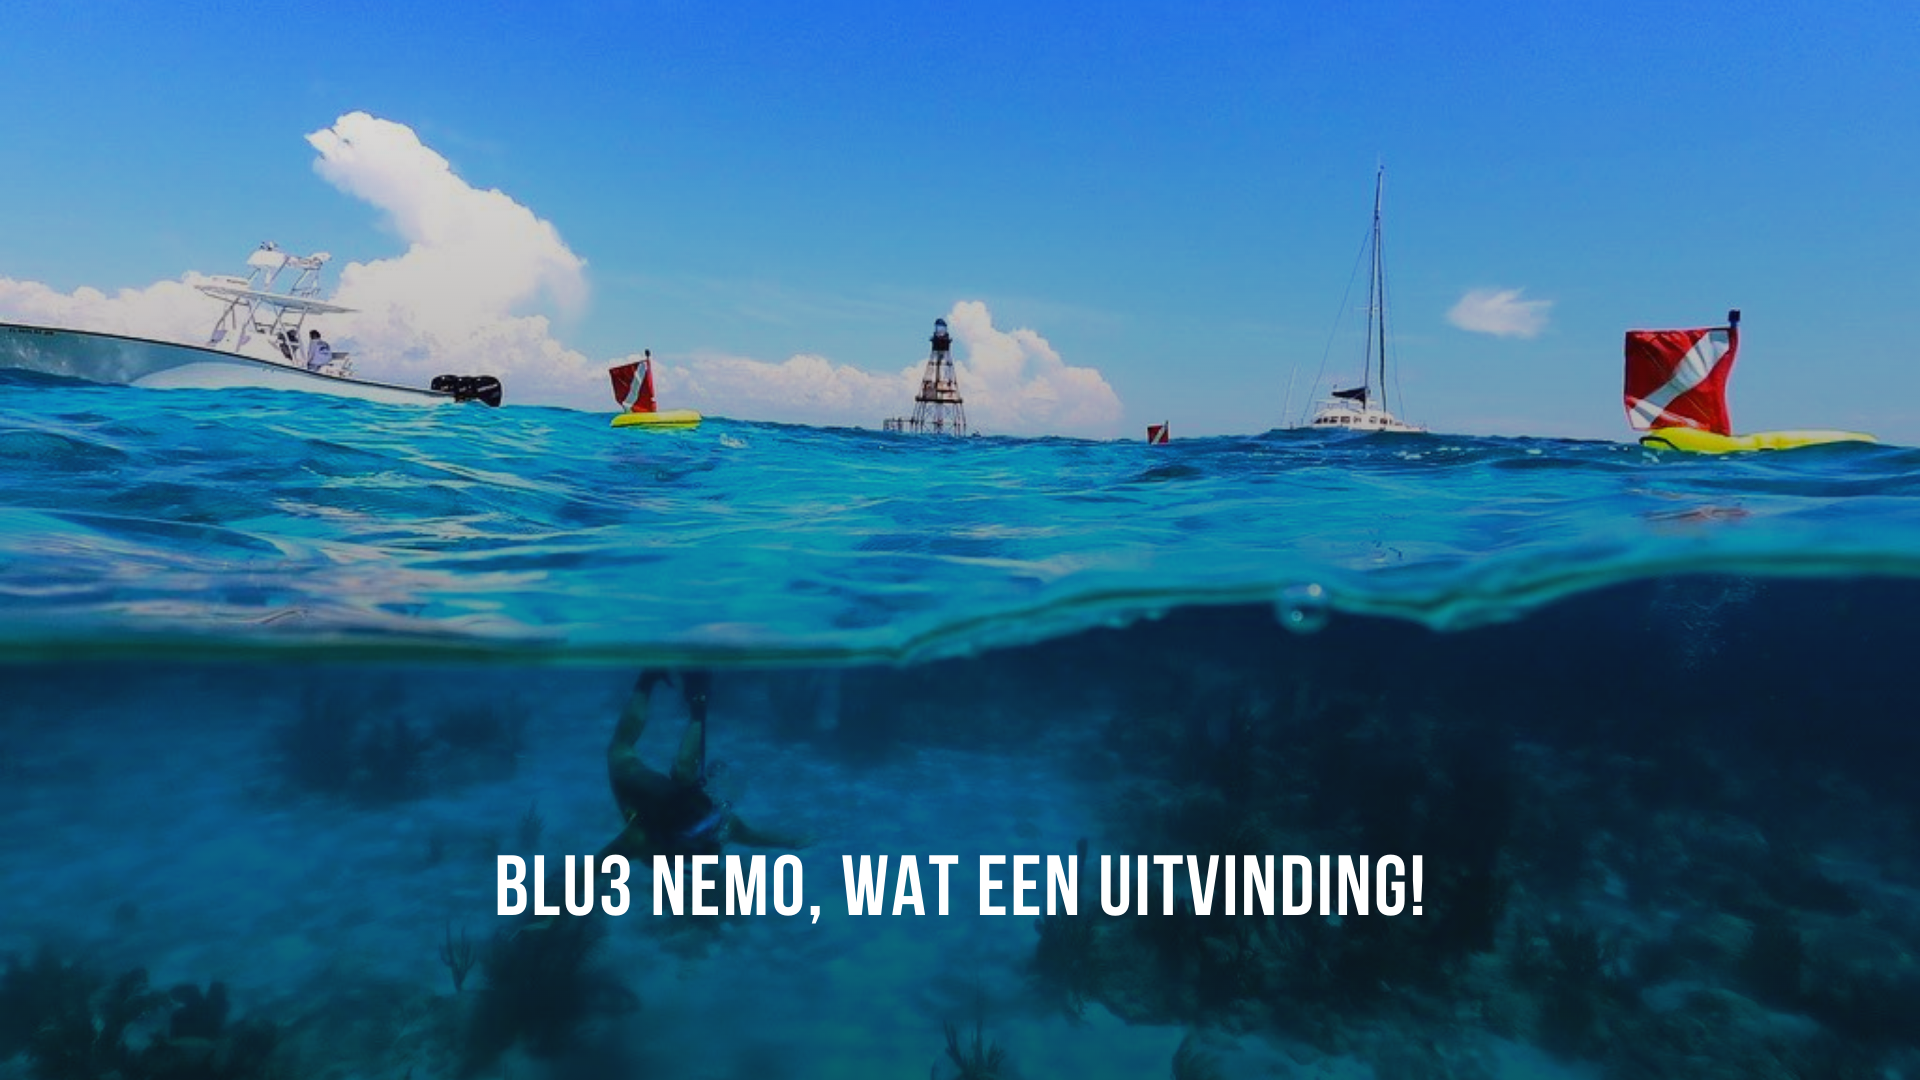 BLU3 Nemo, wat een uitvinding!